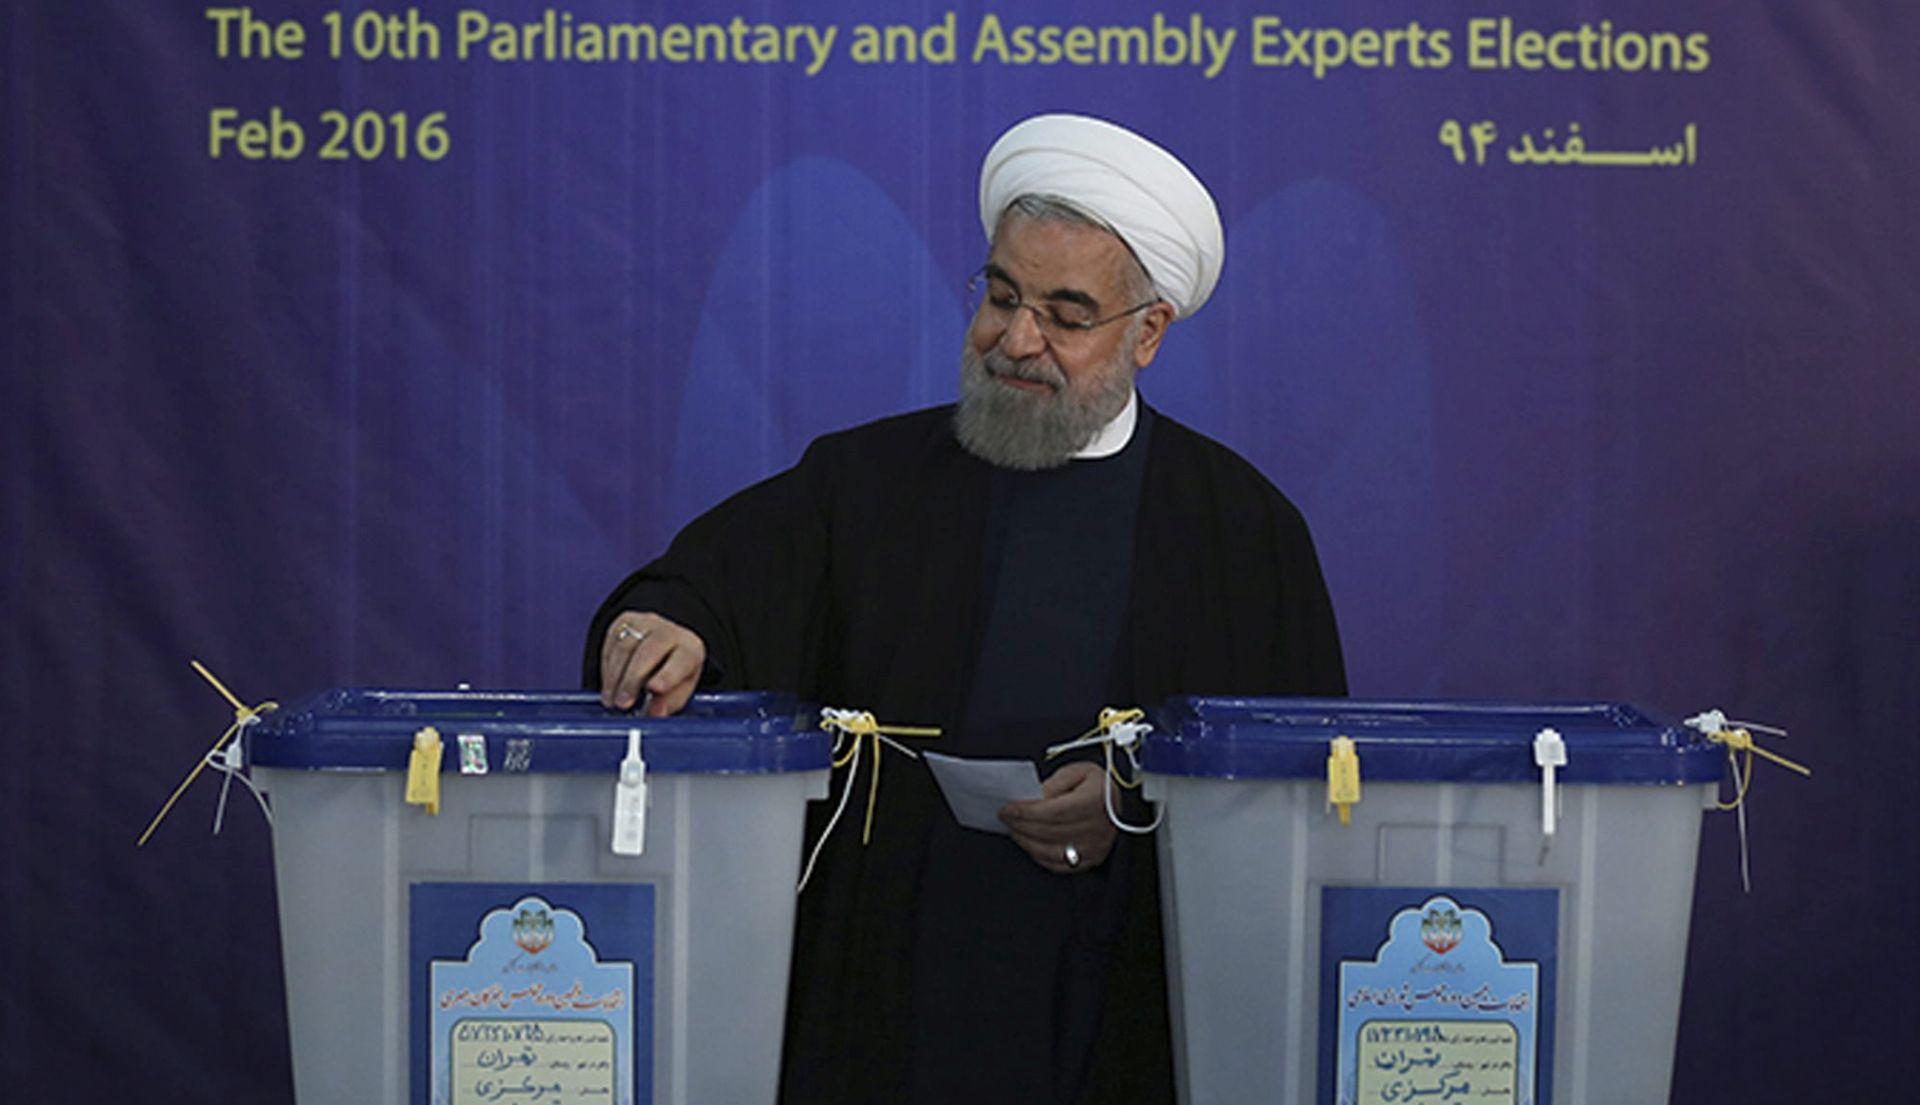 PRVI REZULTATI: Iranski reformisti vode na ključnim izborima